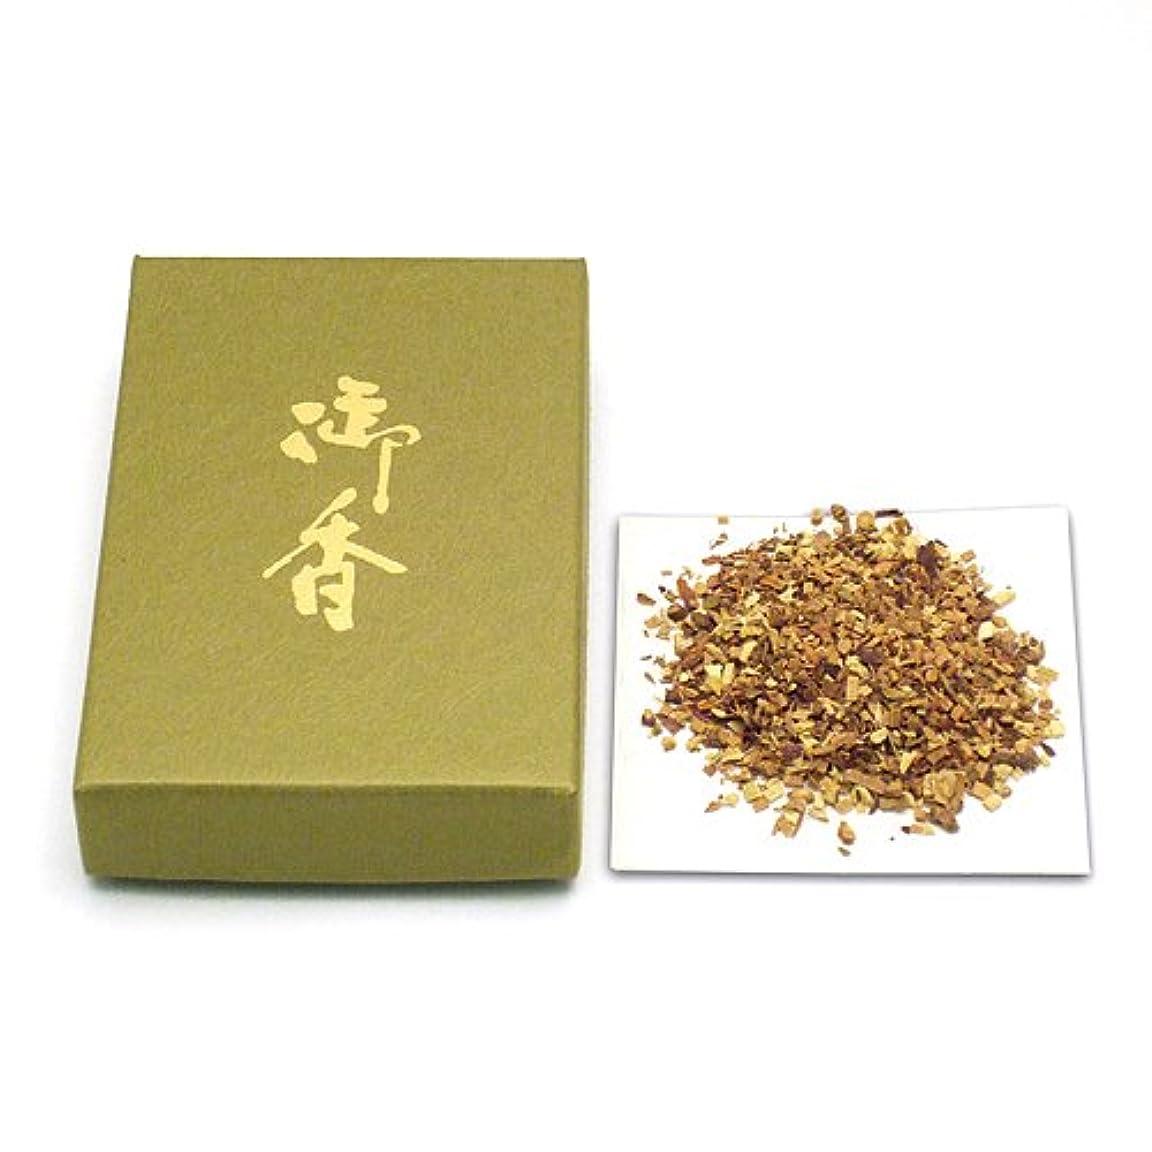 ビート取り扱い第九焼香用御香 好薫印 25g◆お焼香用の御香